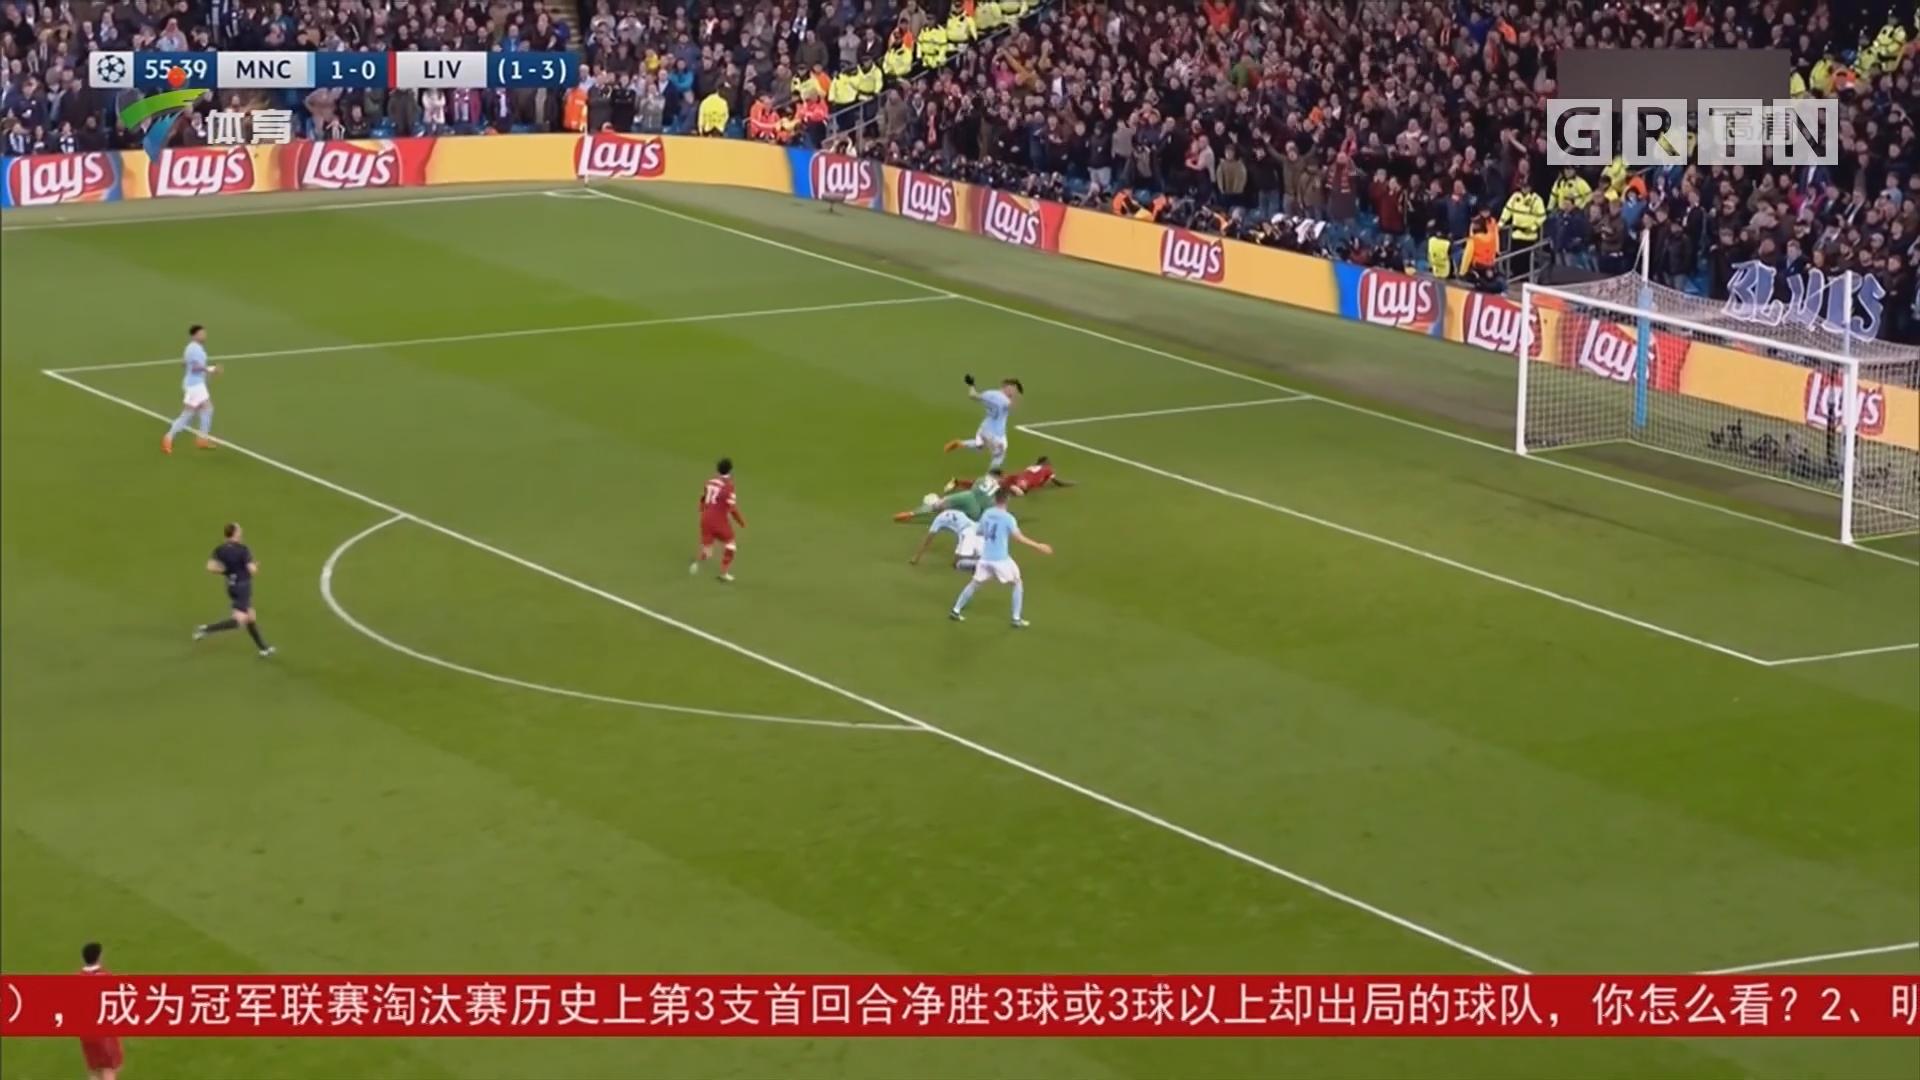 利物浦赛季三胜曼城 红军晋级欧冠四强